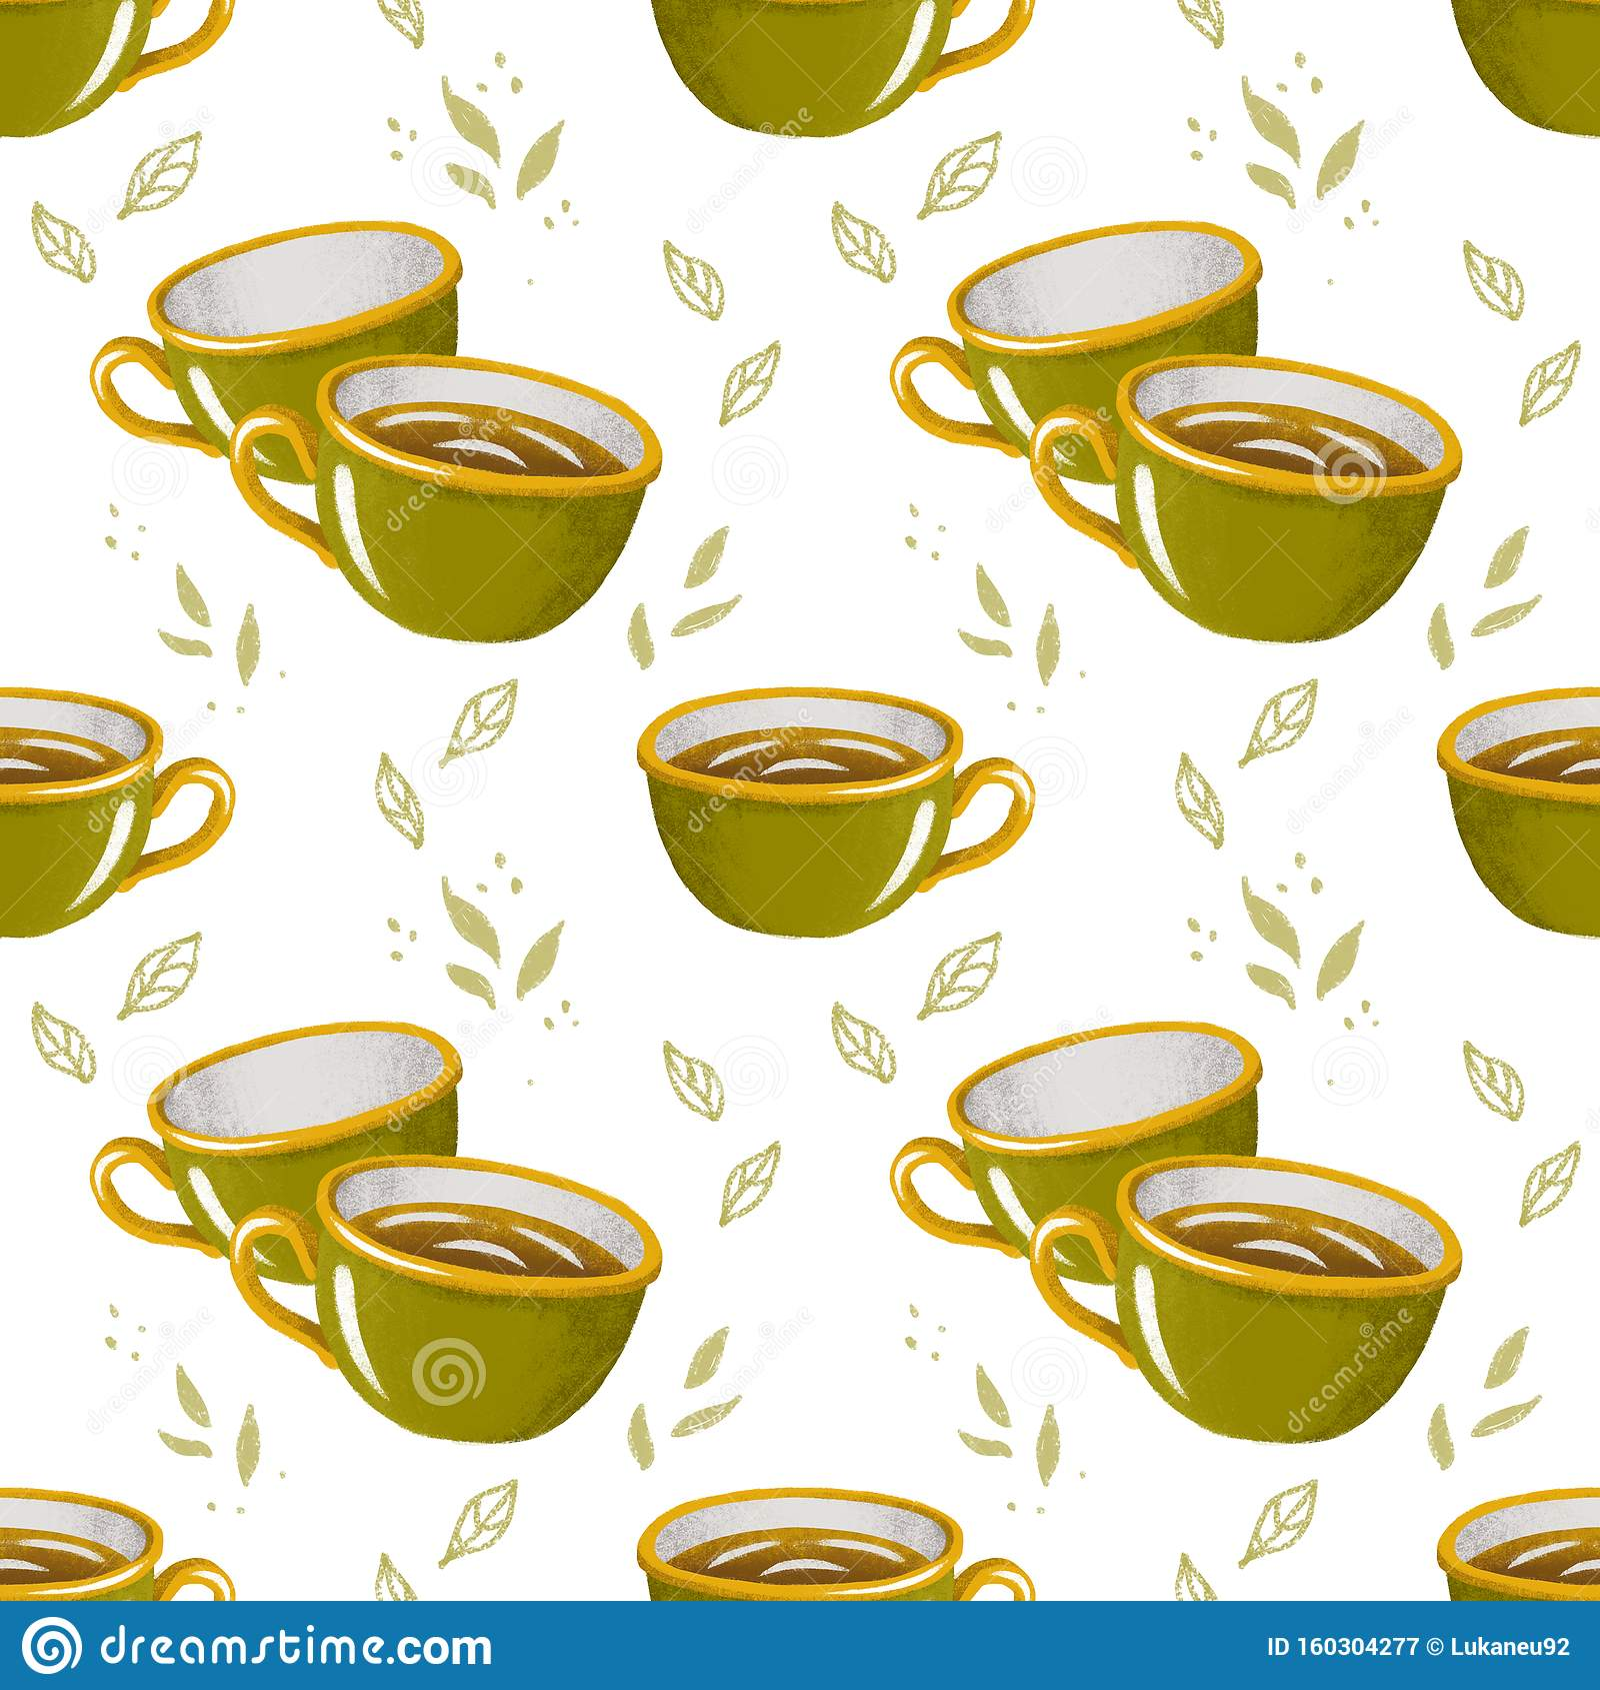 Dessin Avec La Main motif incolore avec théières, tasses et feuilles texture